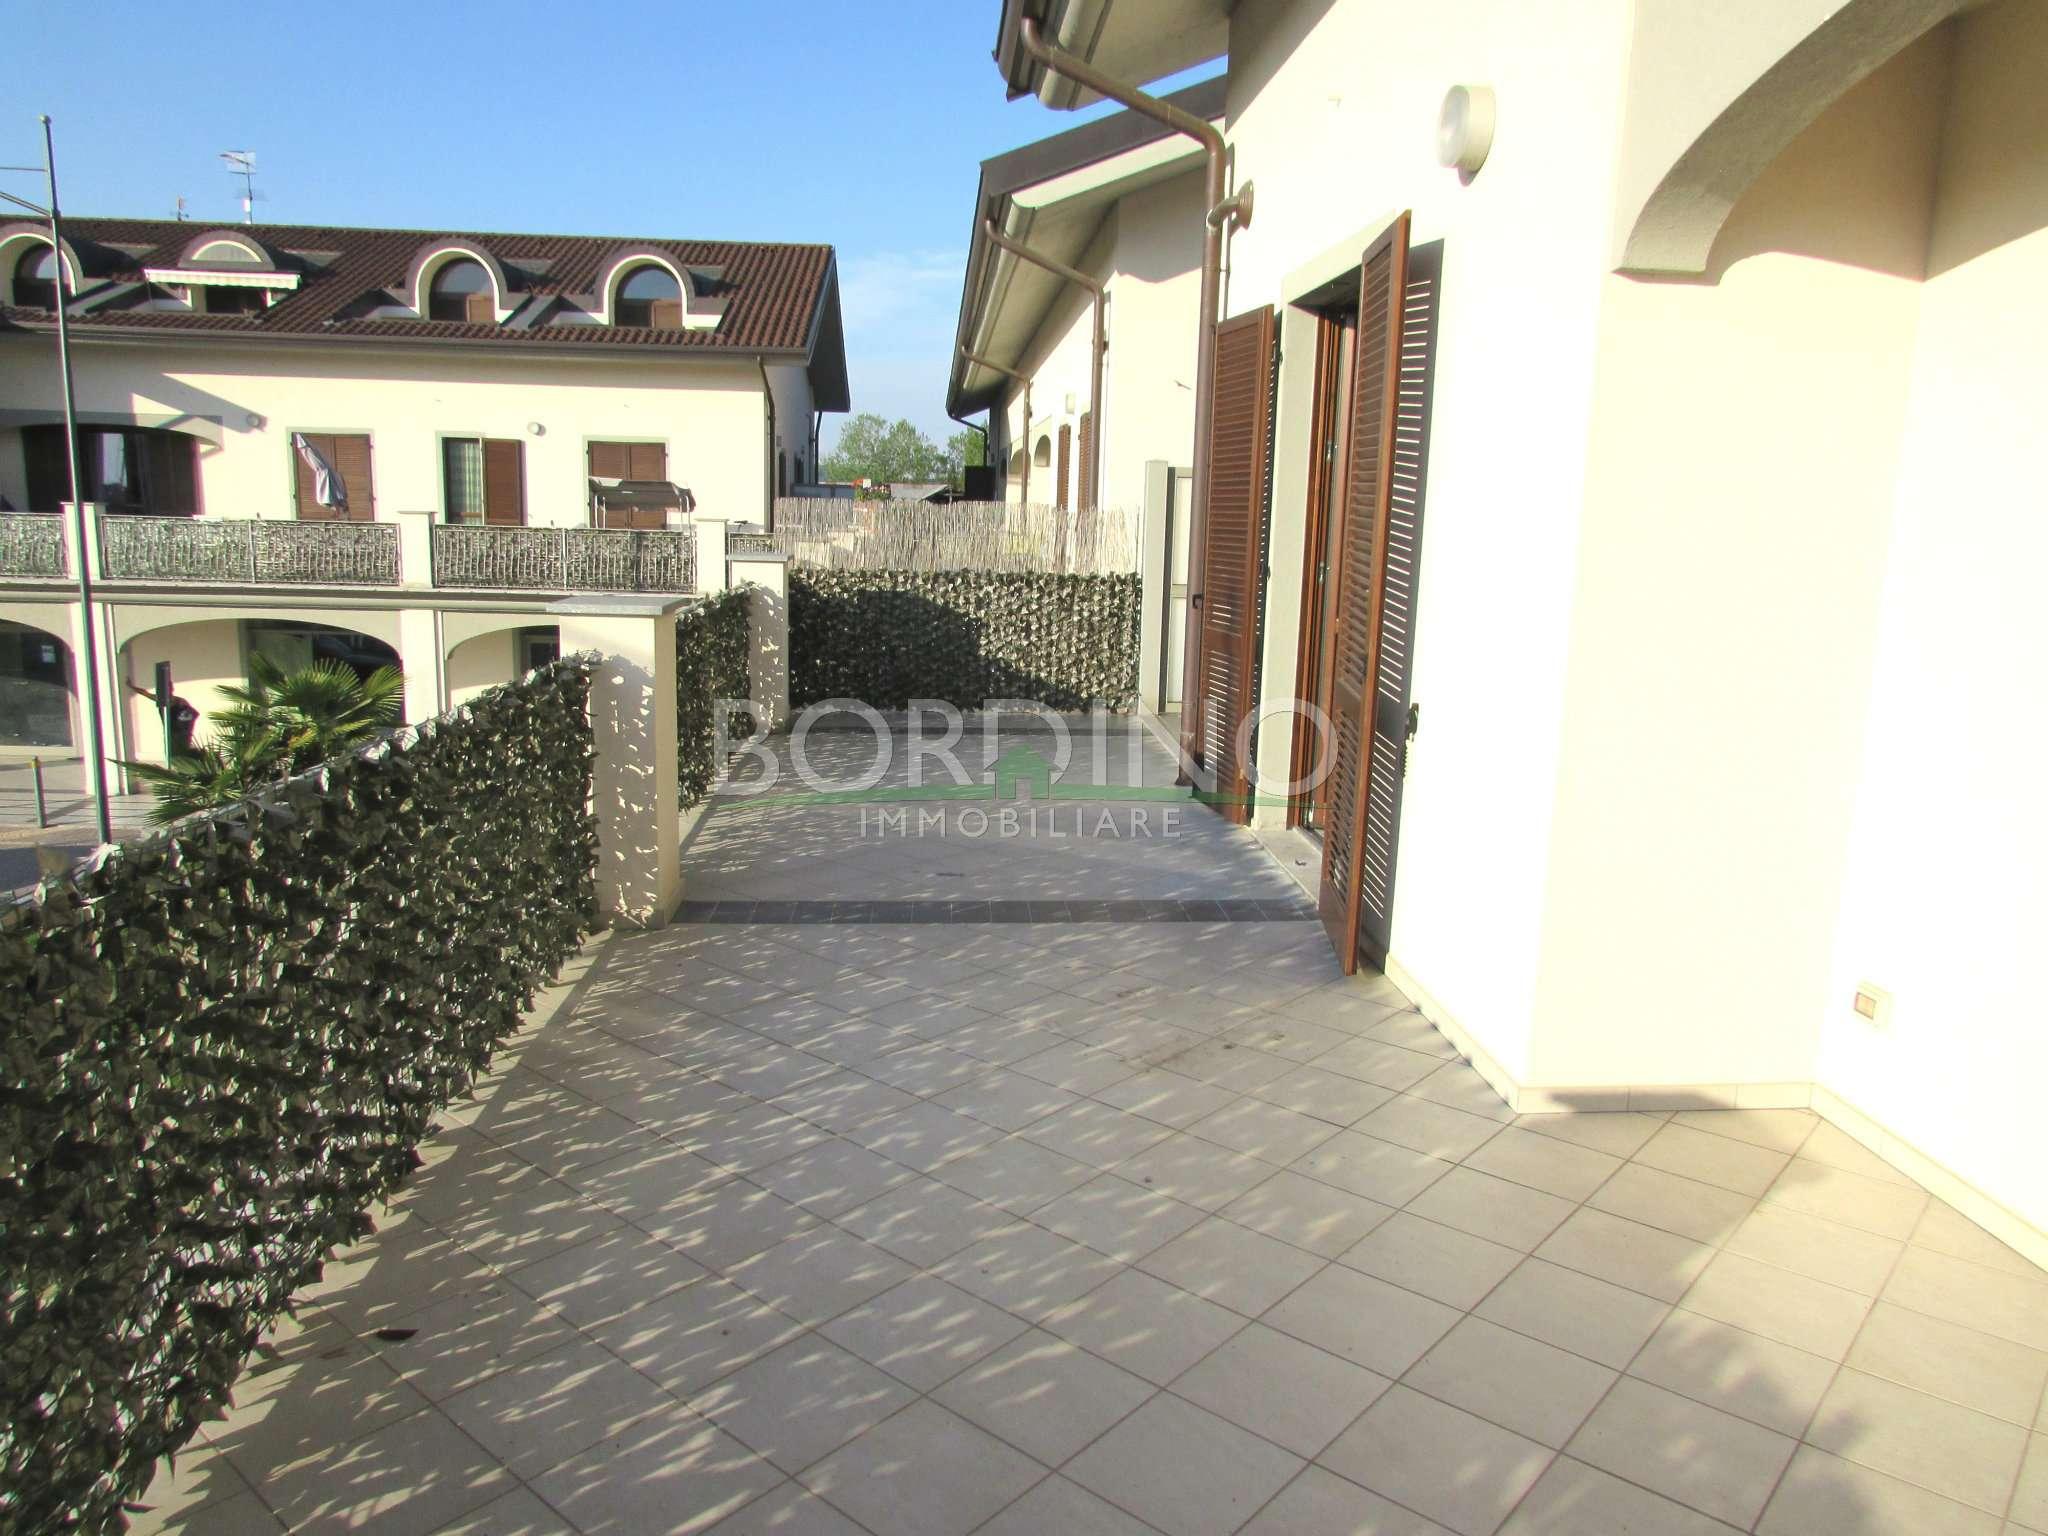 Appartamento in affitto a Magliano Alfieri, 4 locali, prezzo € 470 | Cambio Casa.it